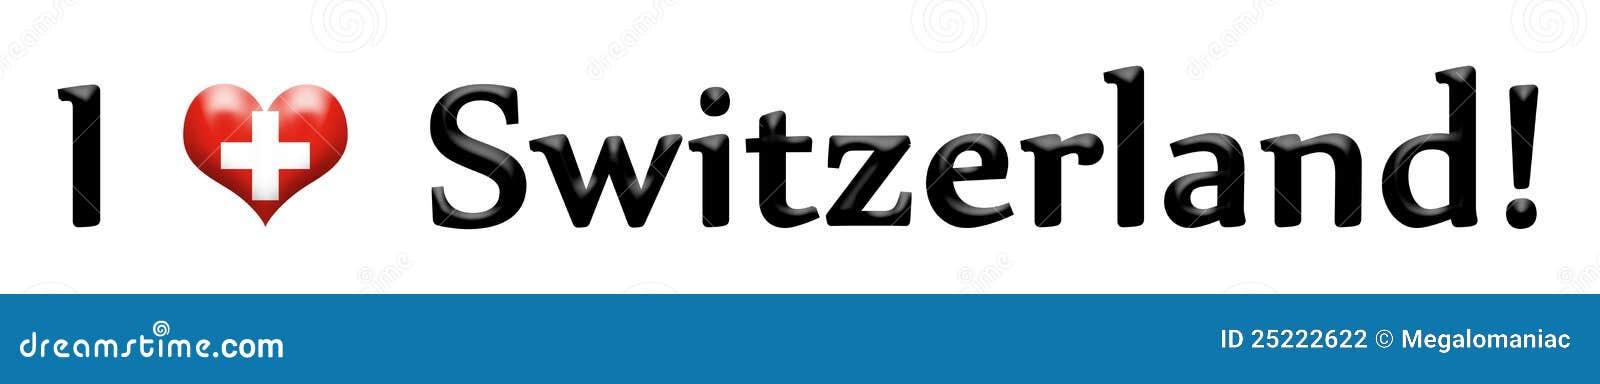 Caption I love Switzerland isolated on white